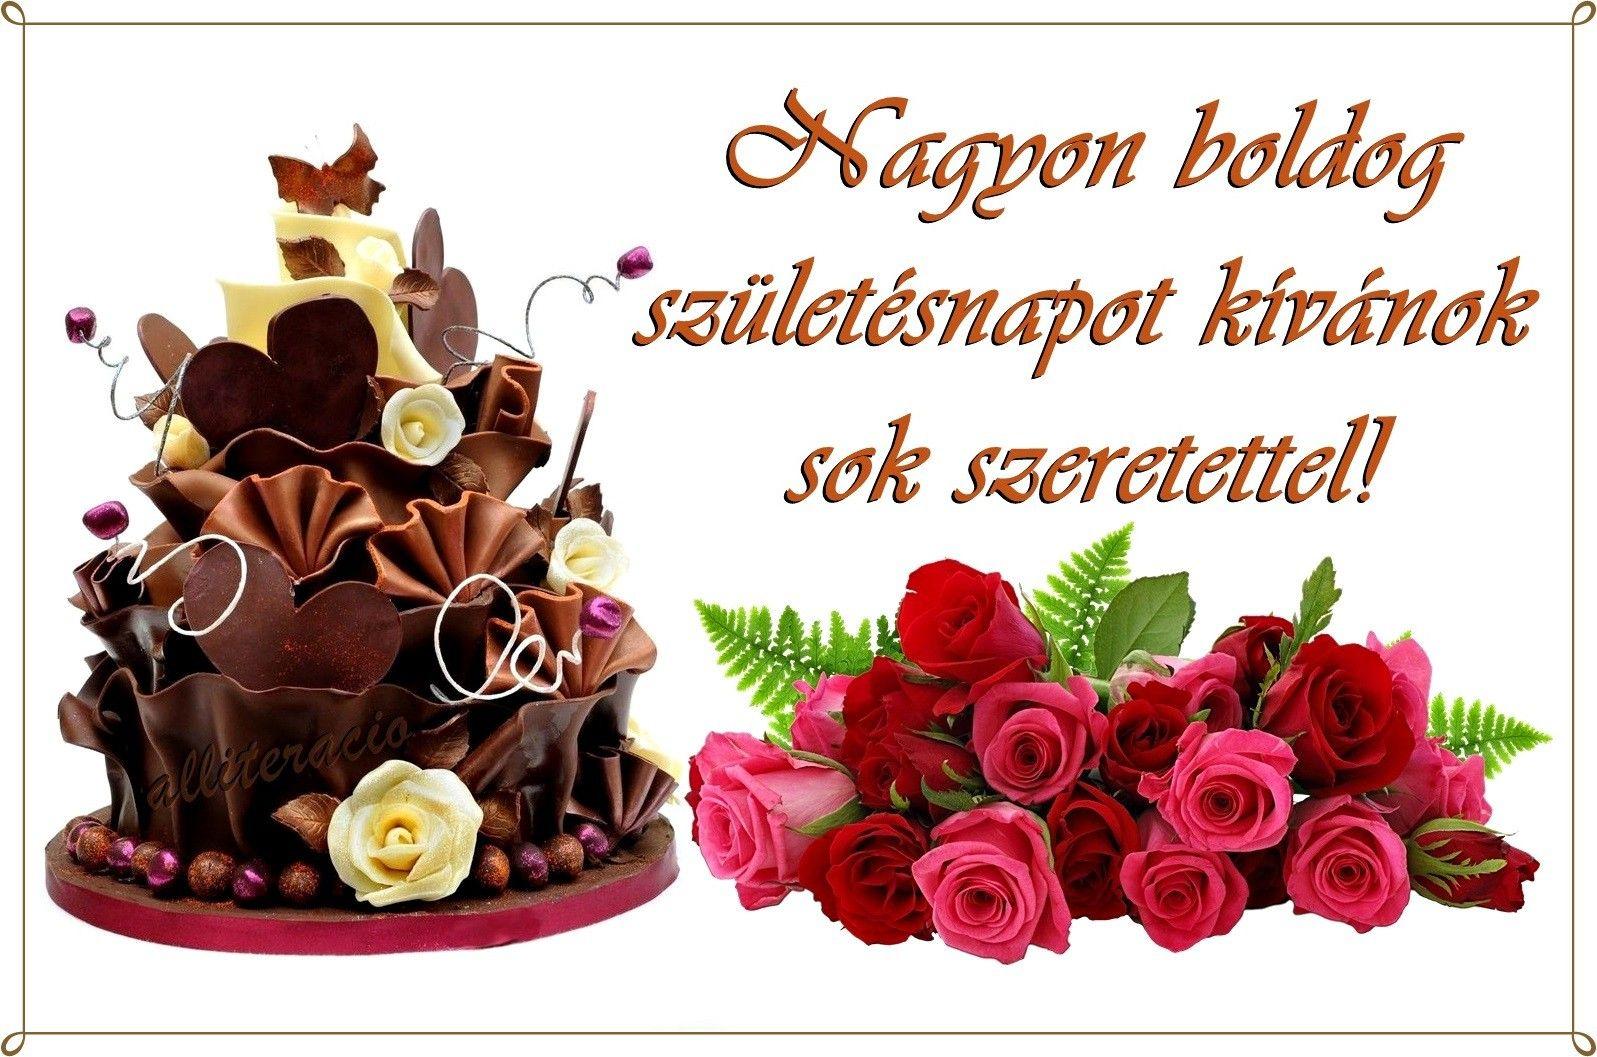 születésnapi torták képekkel születésnap, szülinap, torták, virágok, képek, képeslapok, idéze  születésnapi torták képekkel